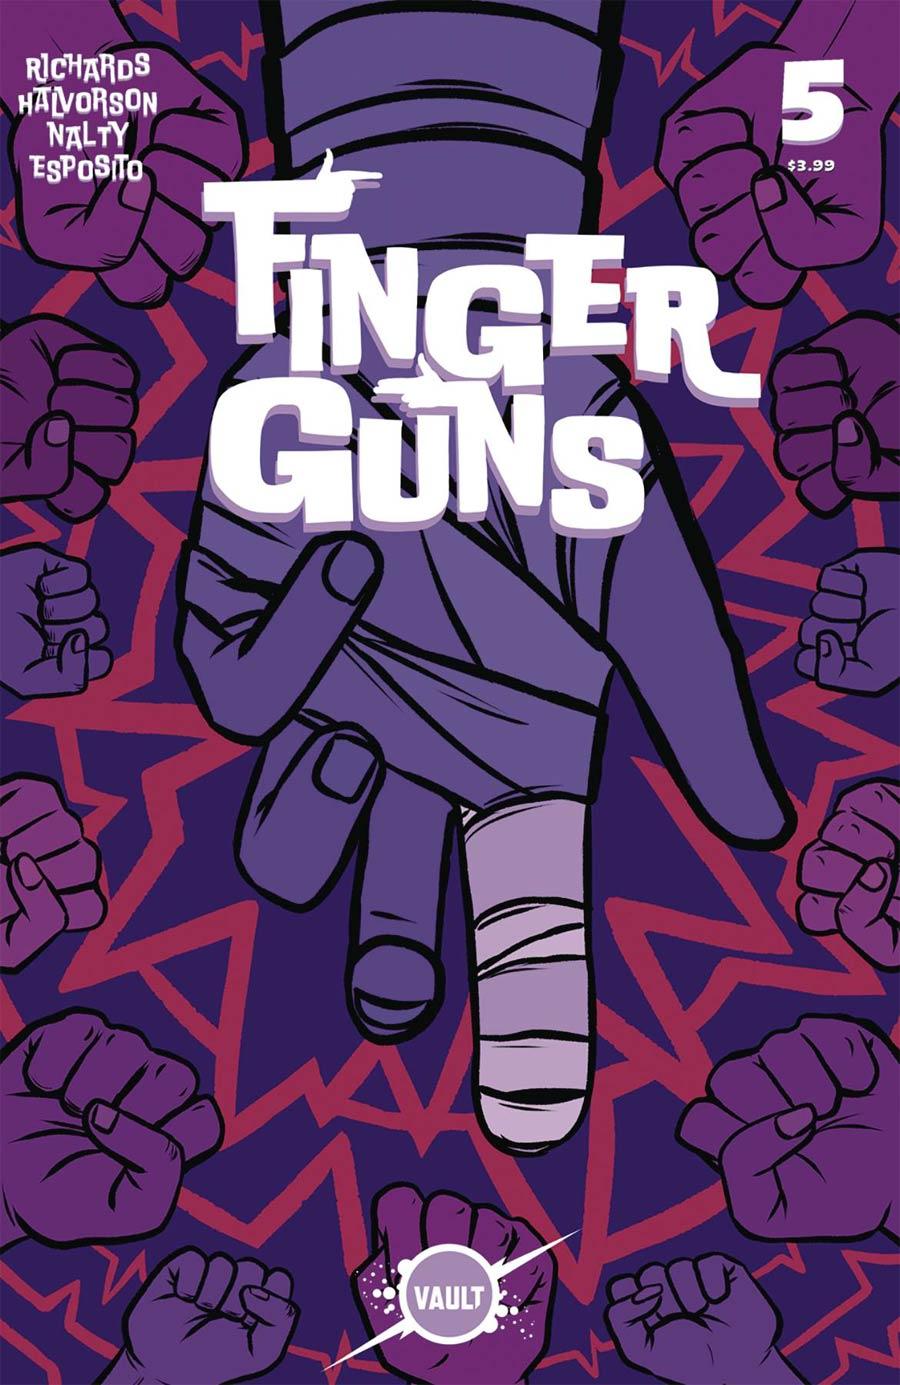 Finger Guns #5 Cover A Regular Val Halvorson Cover